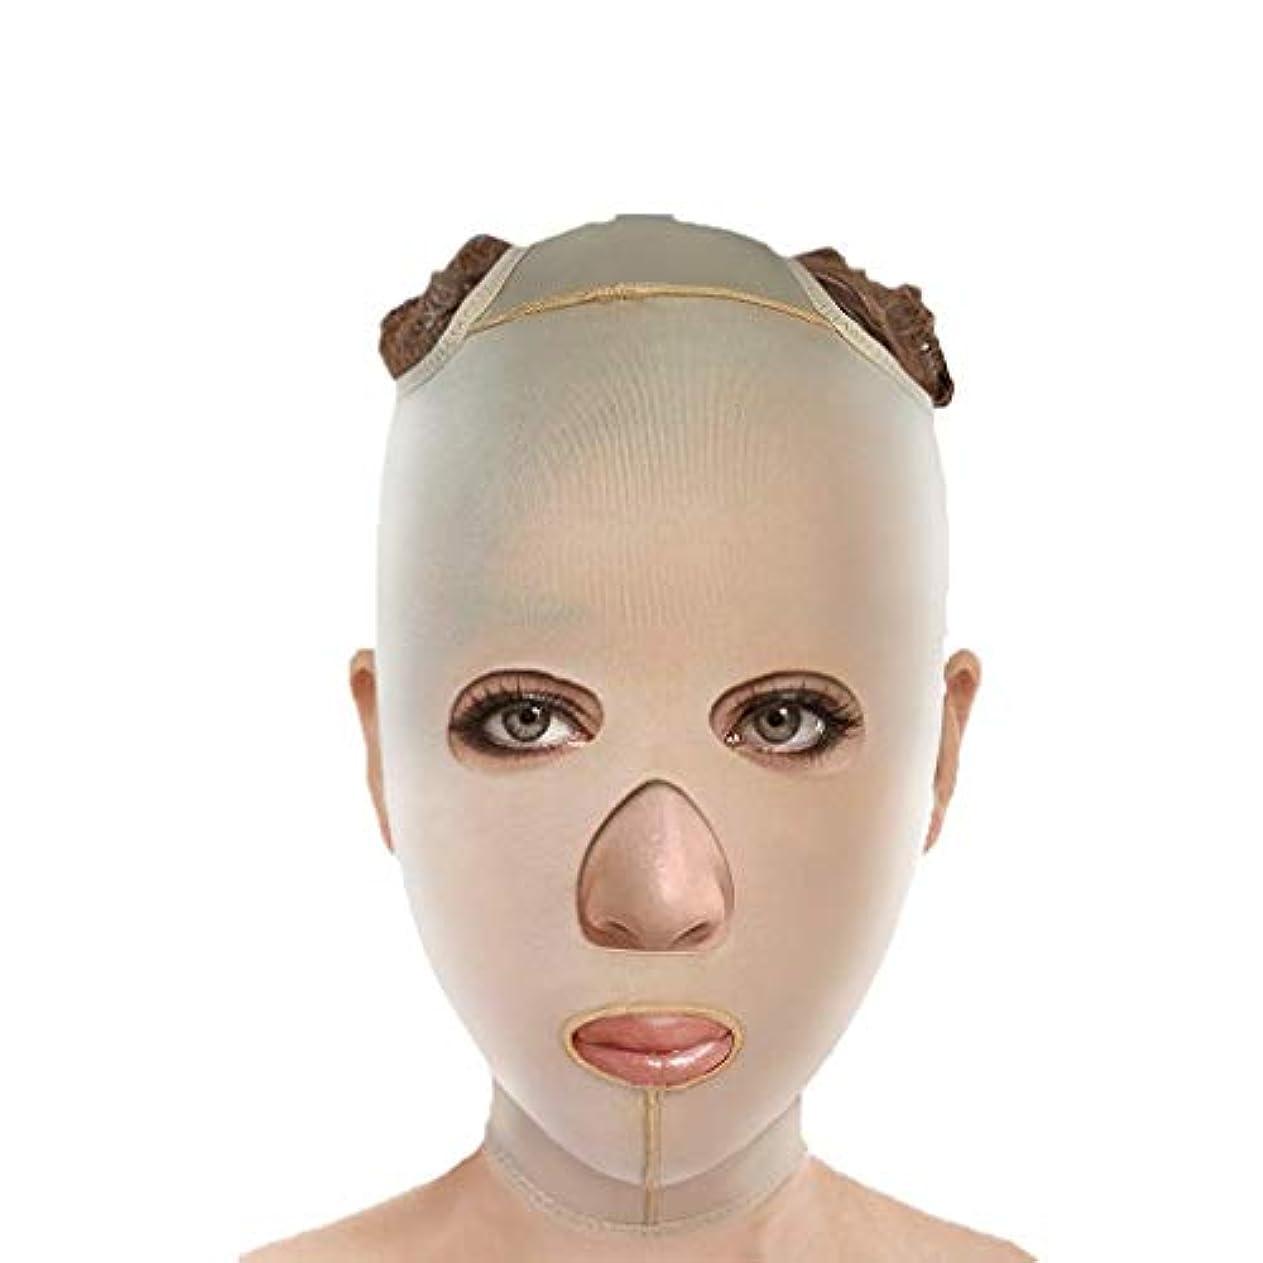 チンストラップ、フェイスリフティング、アンチエイジングフェイシャル包帯、フェイシャル減量マスク、ファーミングマスク、フェイシャルリフティングアーティファクト(サイズ:S),S